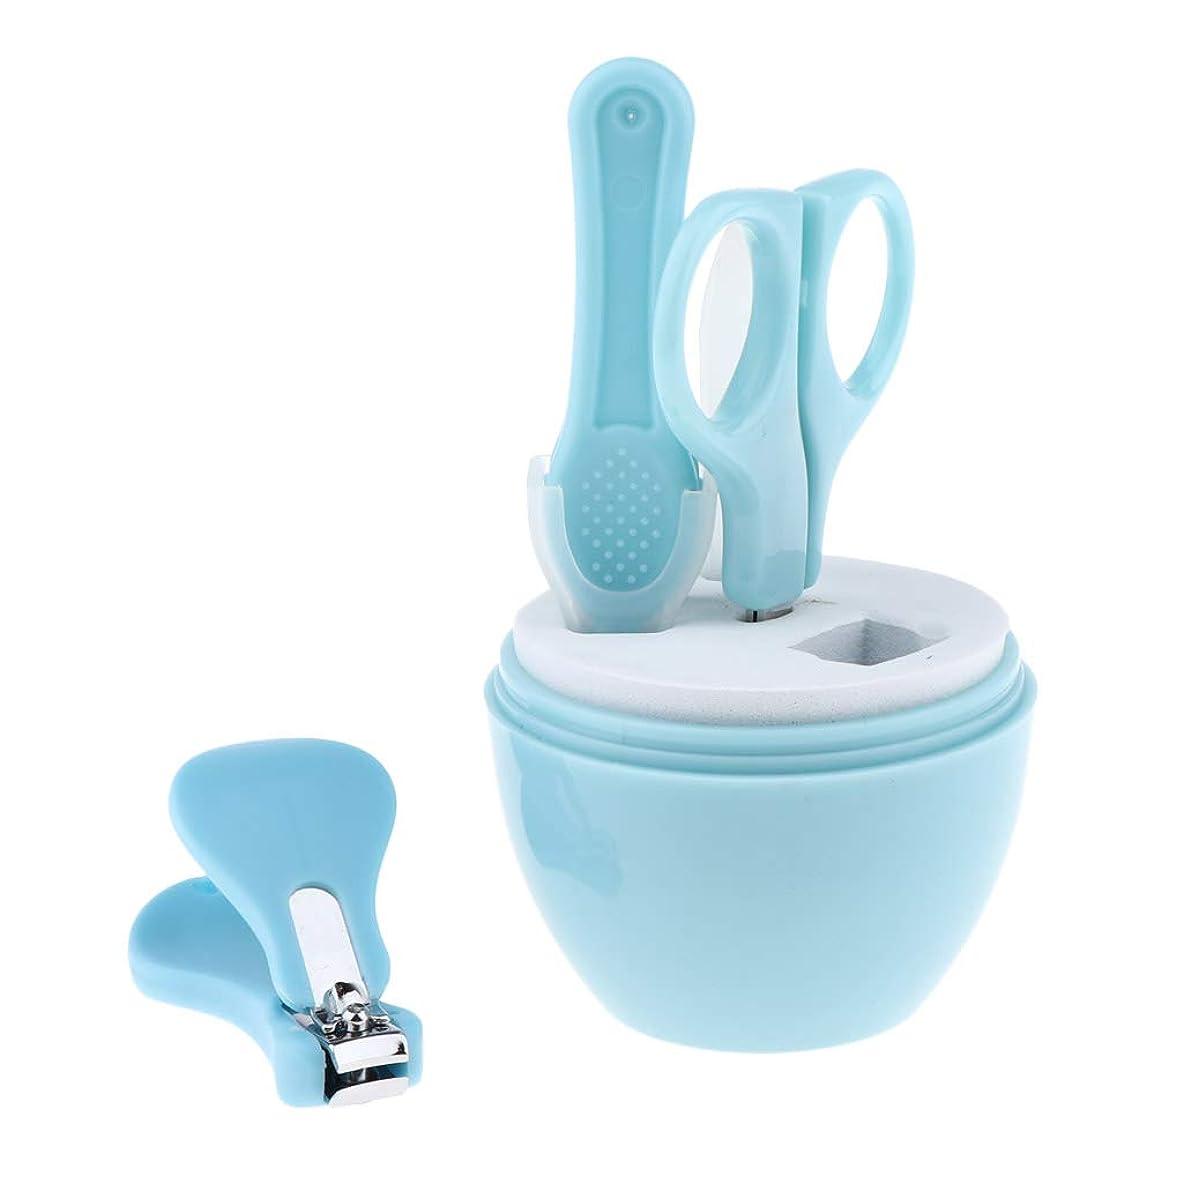 聴覚労苦戸口Perfeclan 2色選択 ネイルシザー ネイルクリッパー ネイルファイルピン 爪切り 子供用ネイルケアセット - ブルー